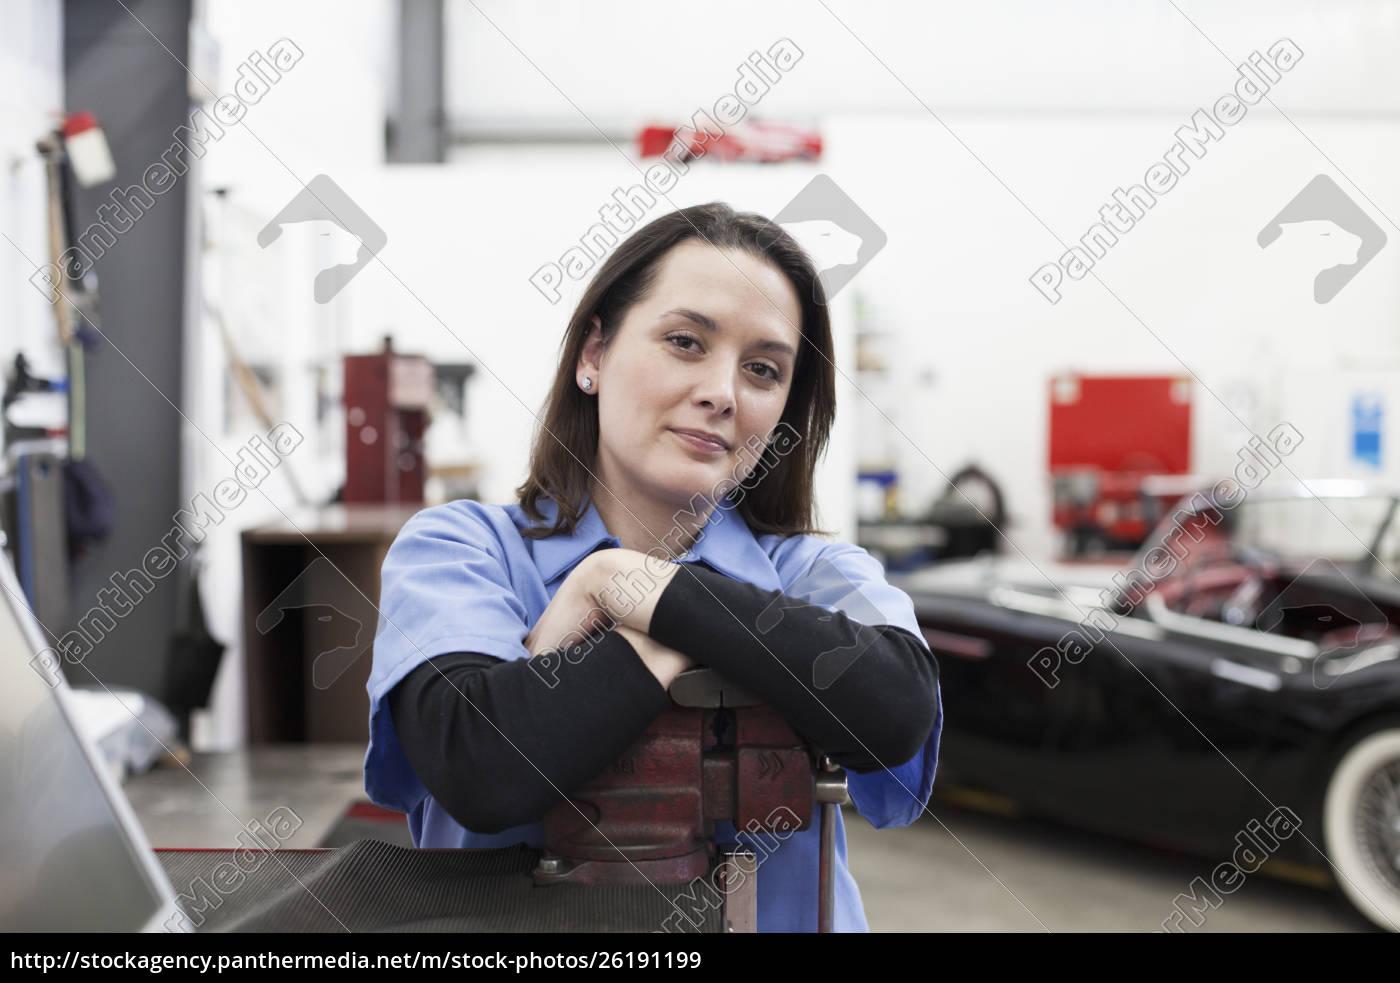 ein, porträt, einer, kaukasischen, mechanikerin, in - 26191199